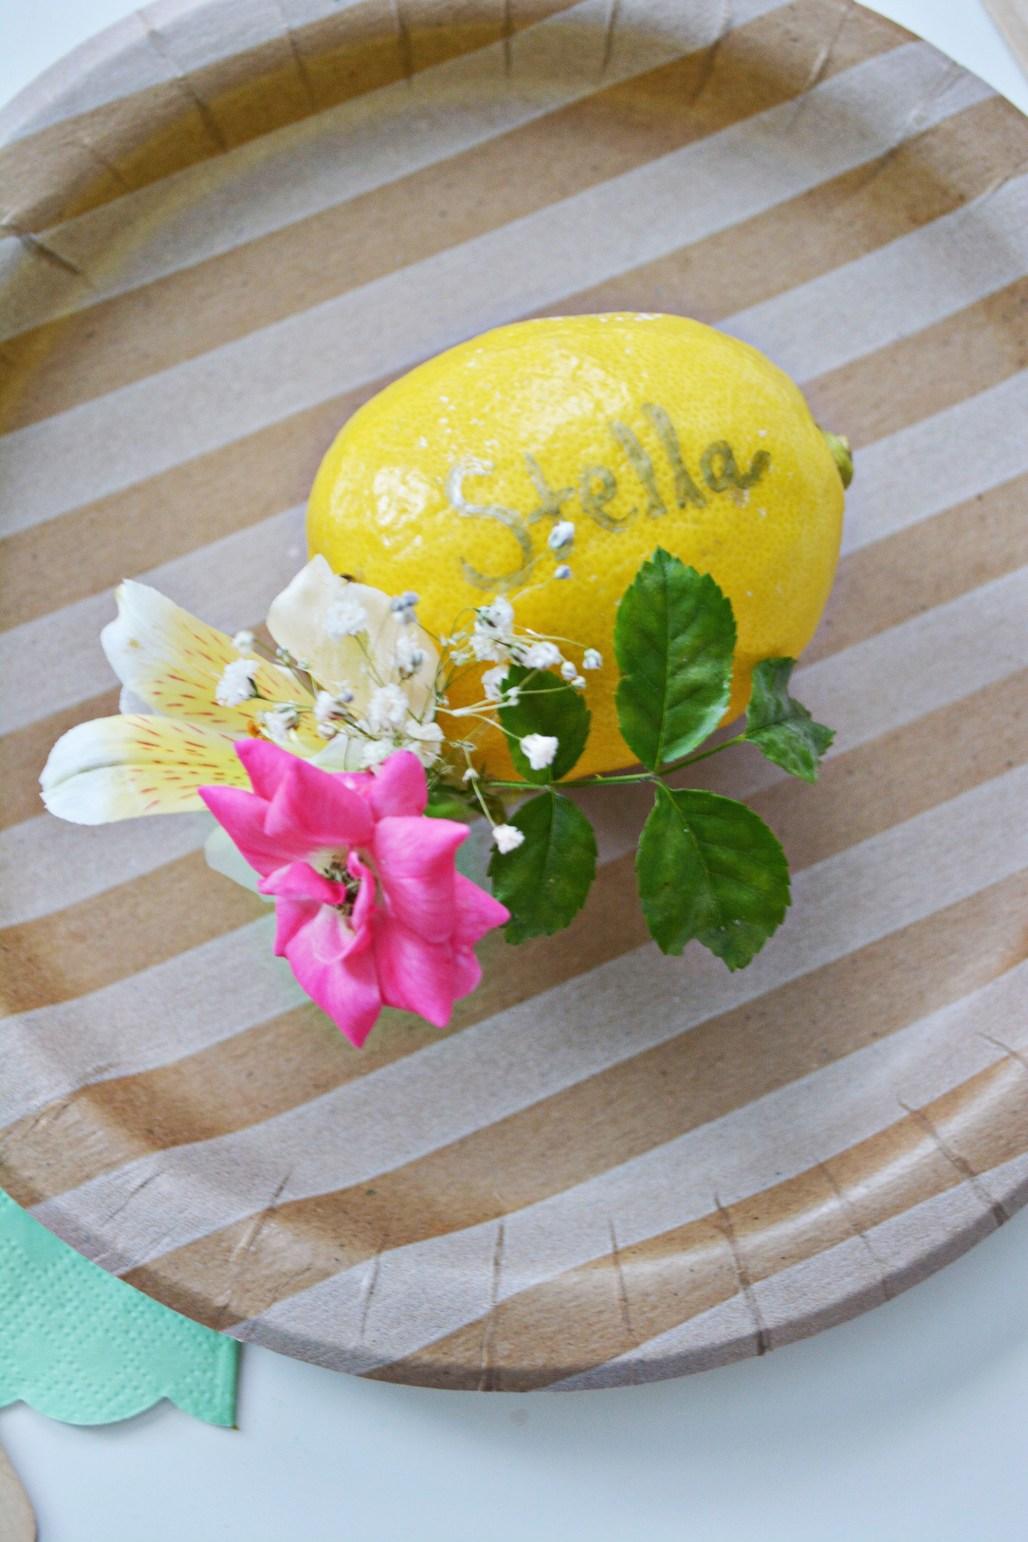 florallemonnamecard9